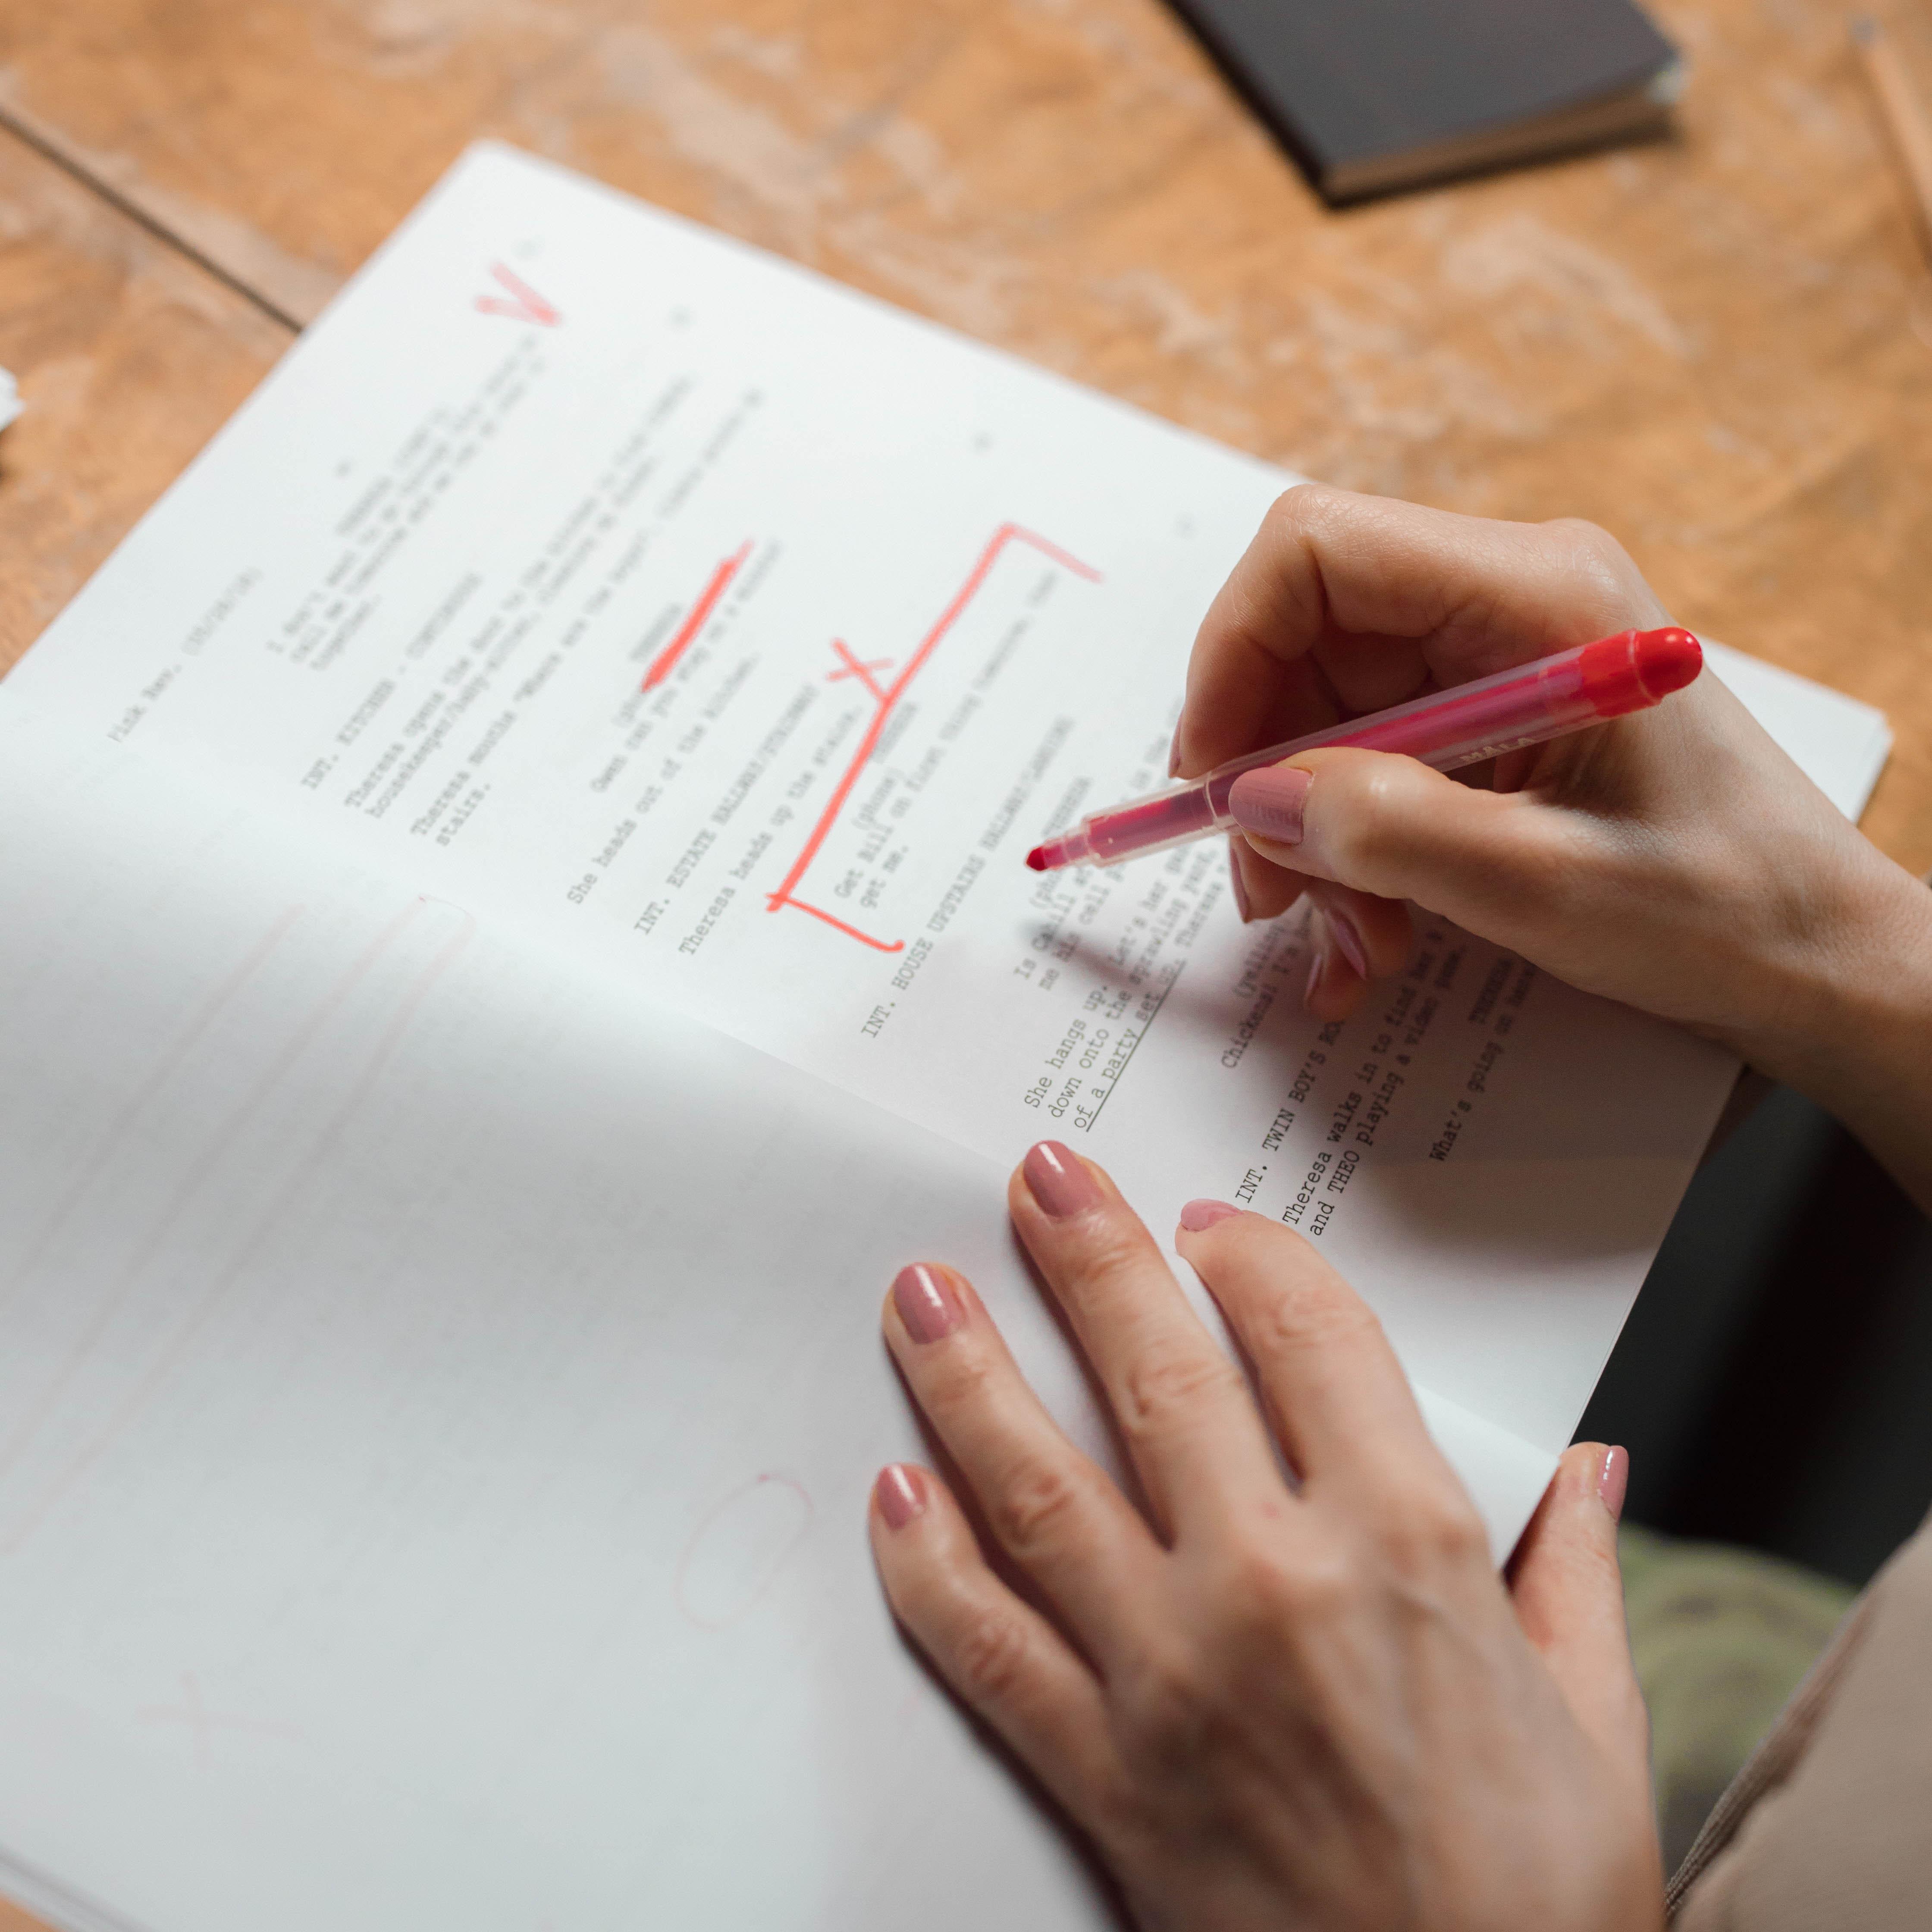 Une dame corrigeant un manuscrit